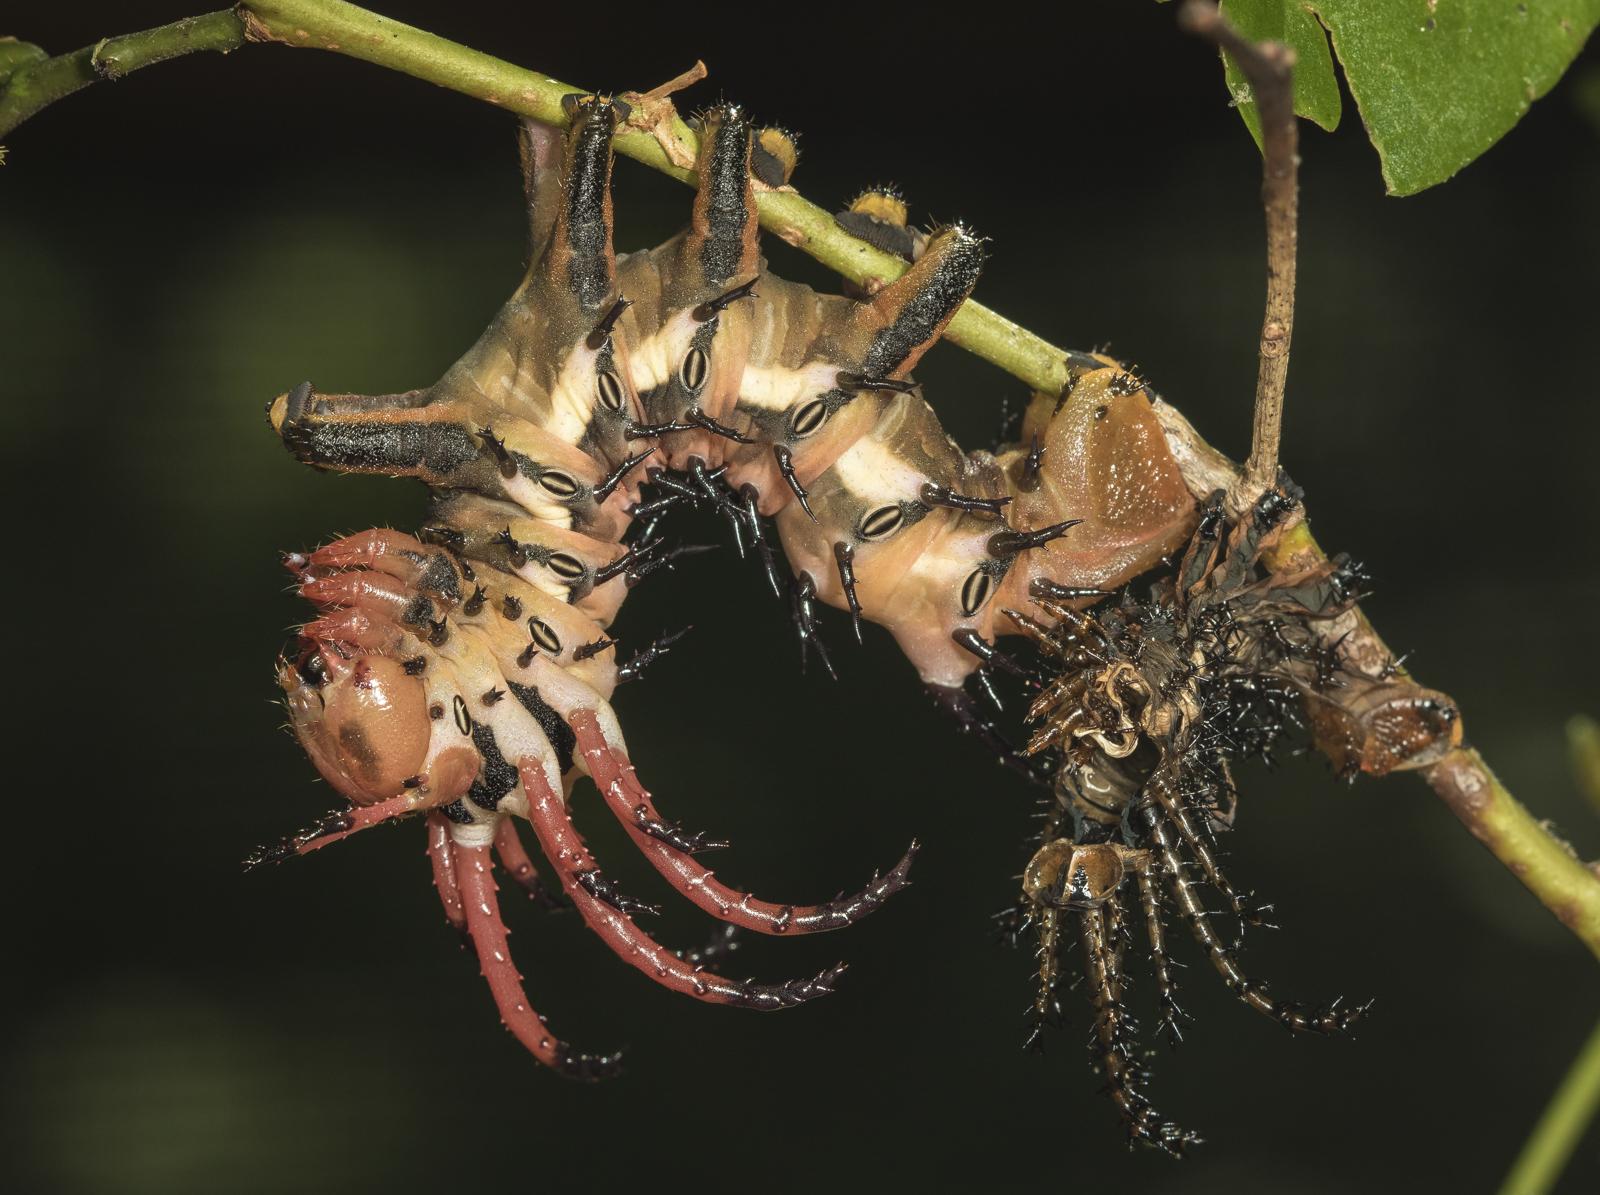 hickory horned devil after shedding its skin